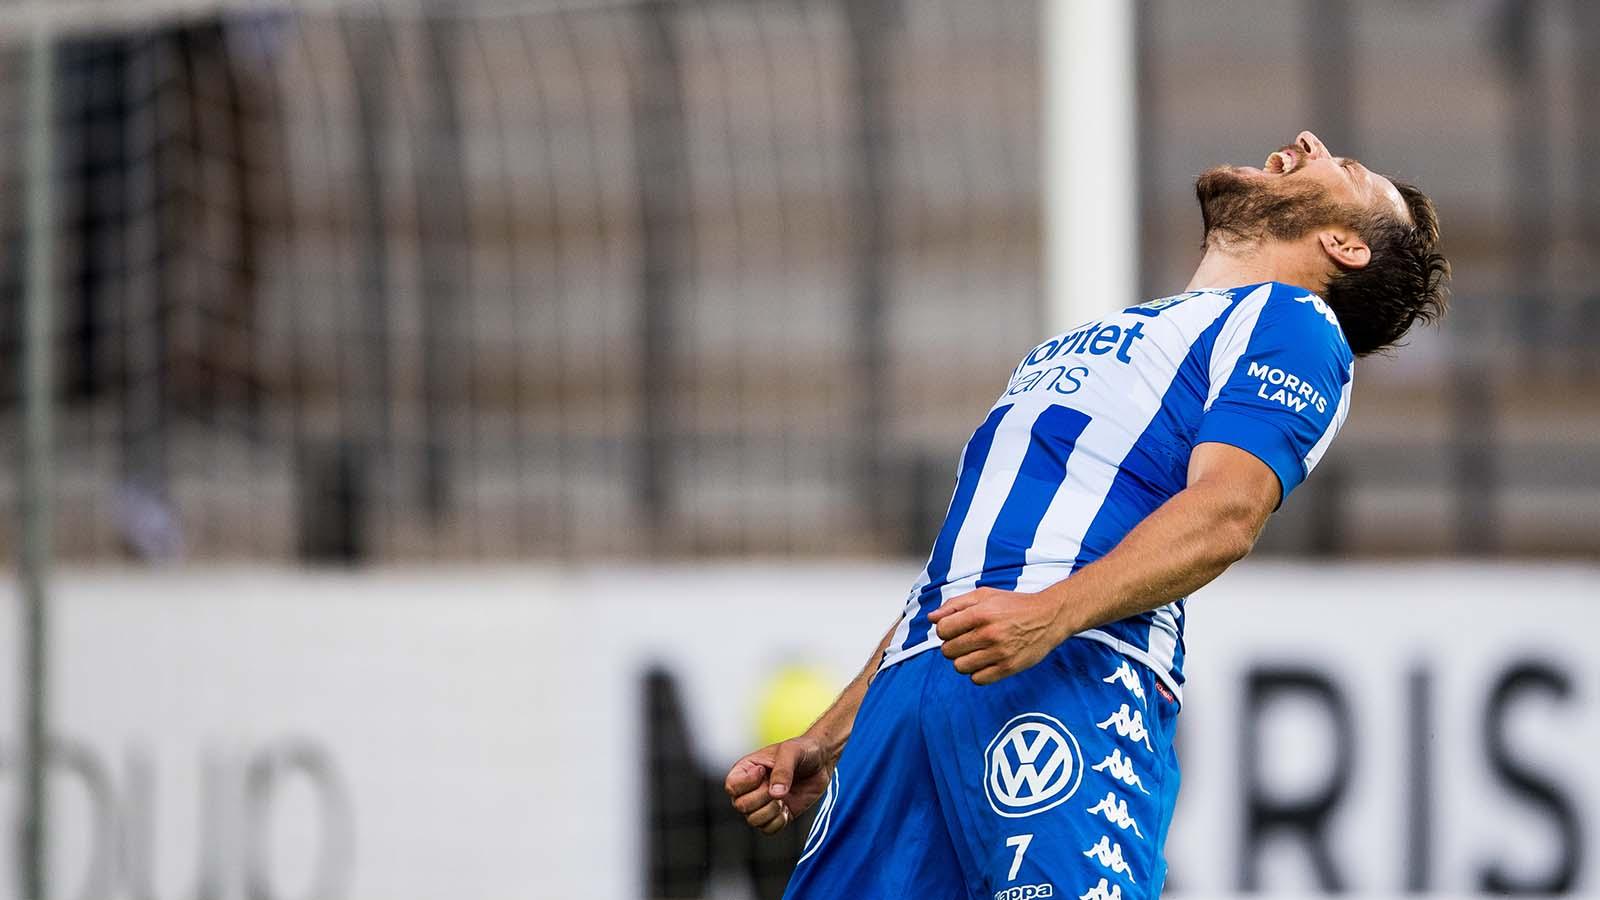 180714 IFK Göteborgs Tobias Hysén reagerar under fotbollsmatchen i Allsvenskan mellan IFK Göteborg och Örebro den 14 juli 2018 i Göteborg. Foto: Krister Andersson / BILDBYRÅN / Kod KA / Cop 147